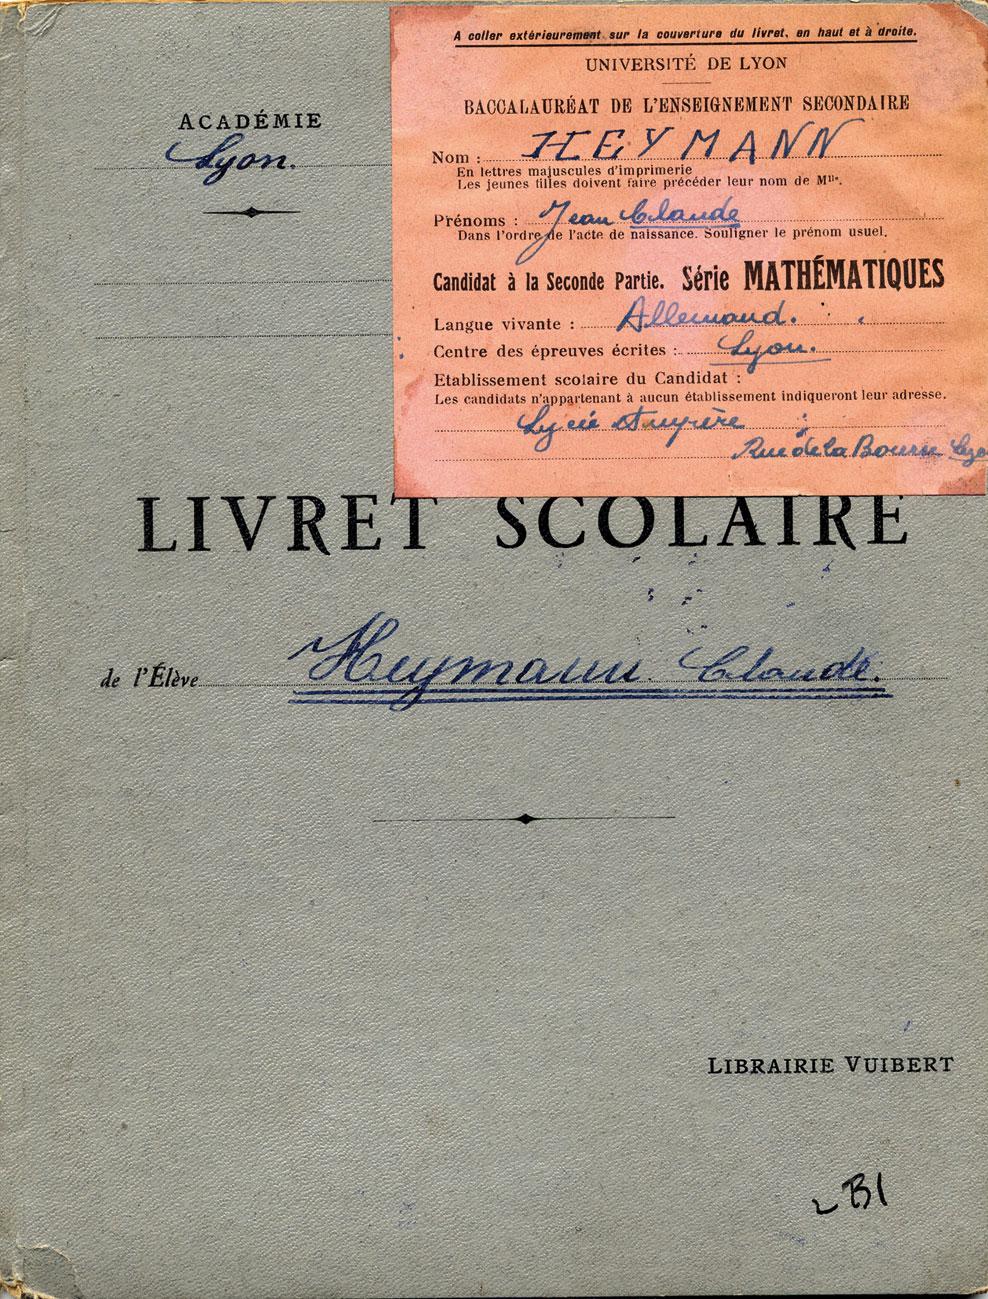 Livret scolaire et baccalauréat de Jean-Claude, Heymann, Lyon